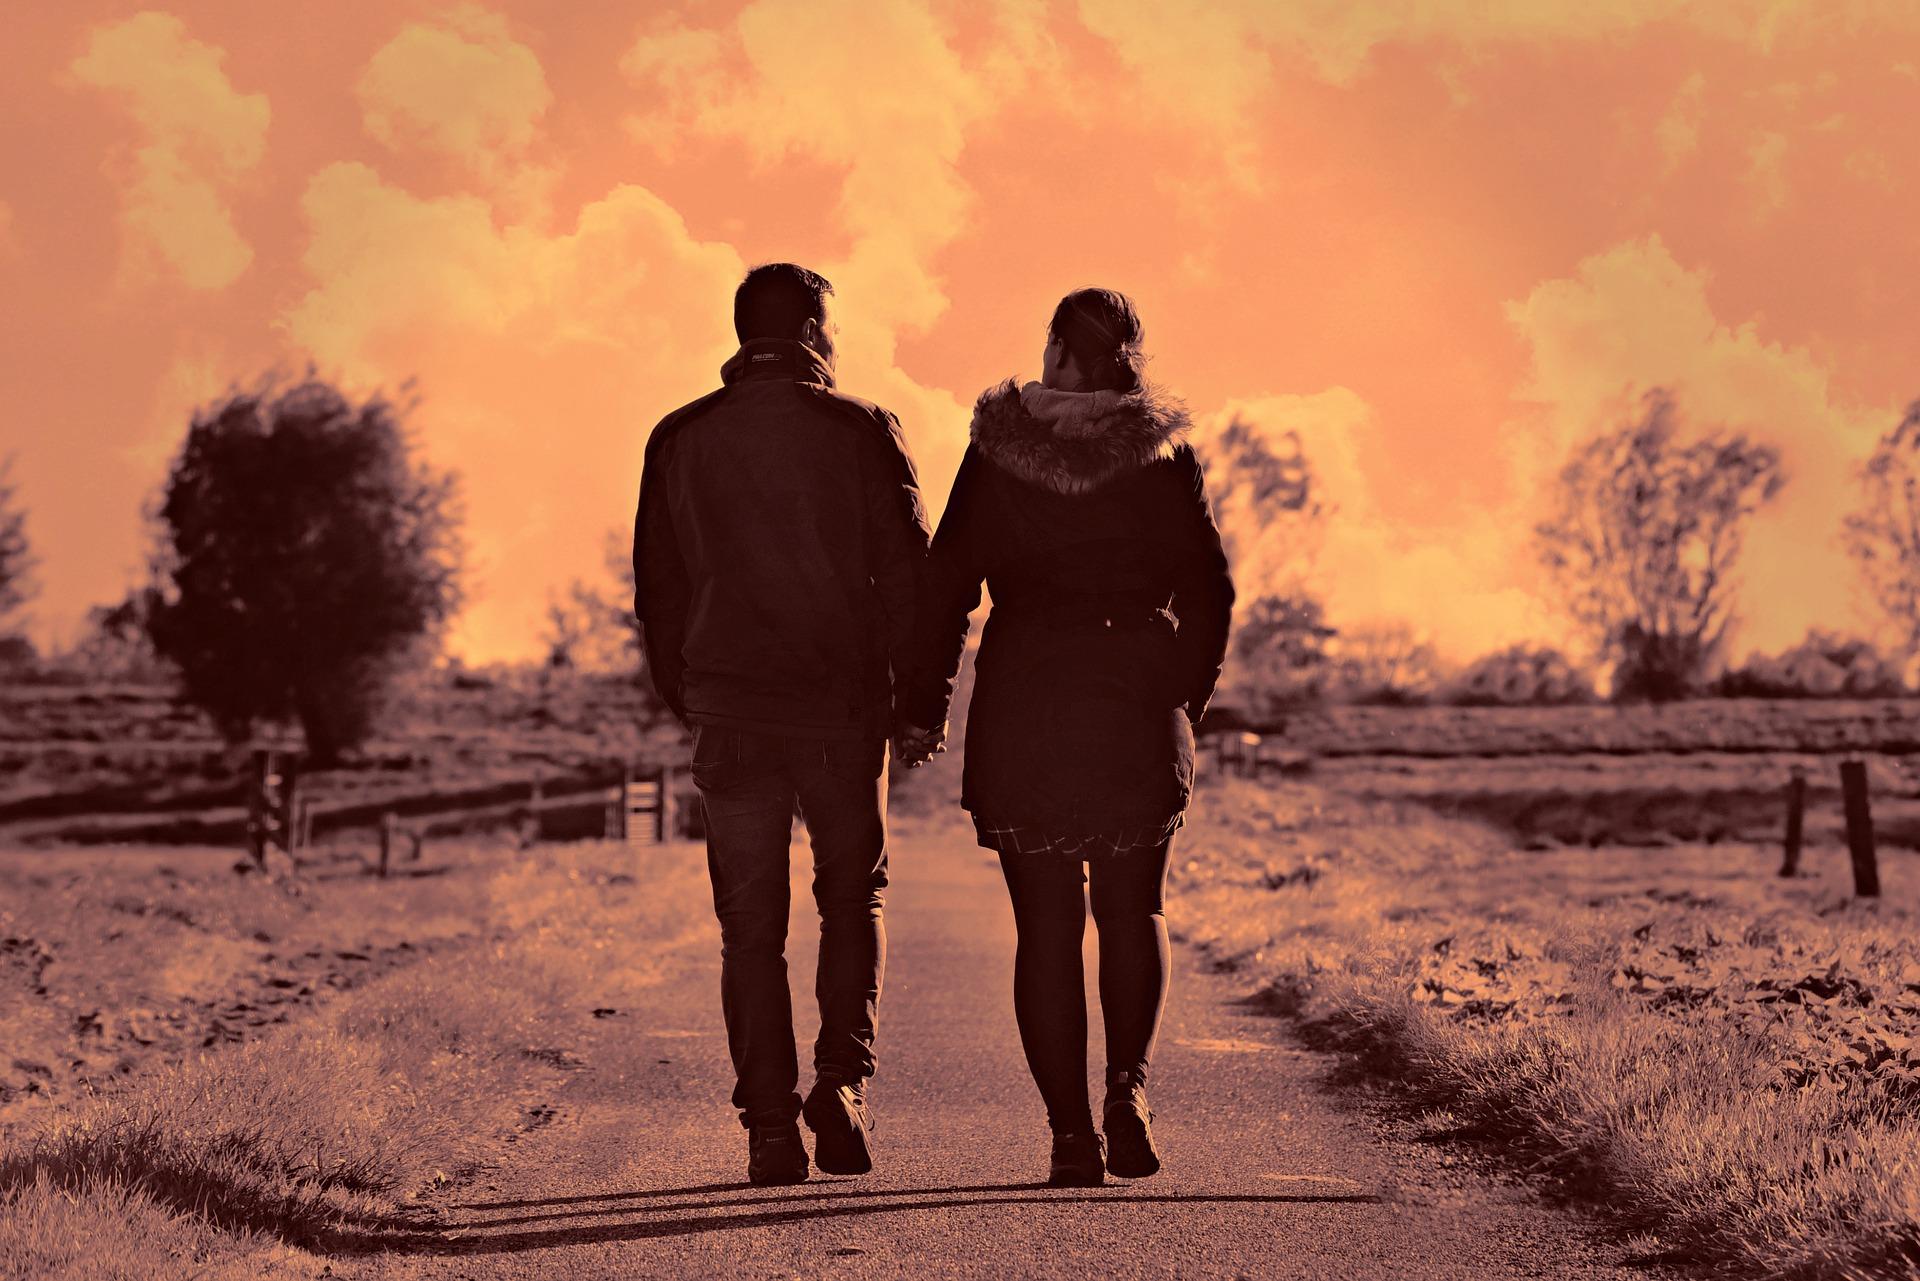 【成婚続々】結婚時期もお相手も⁉ 結婚占いは水晶玉子は頼れ!